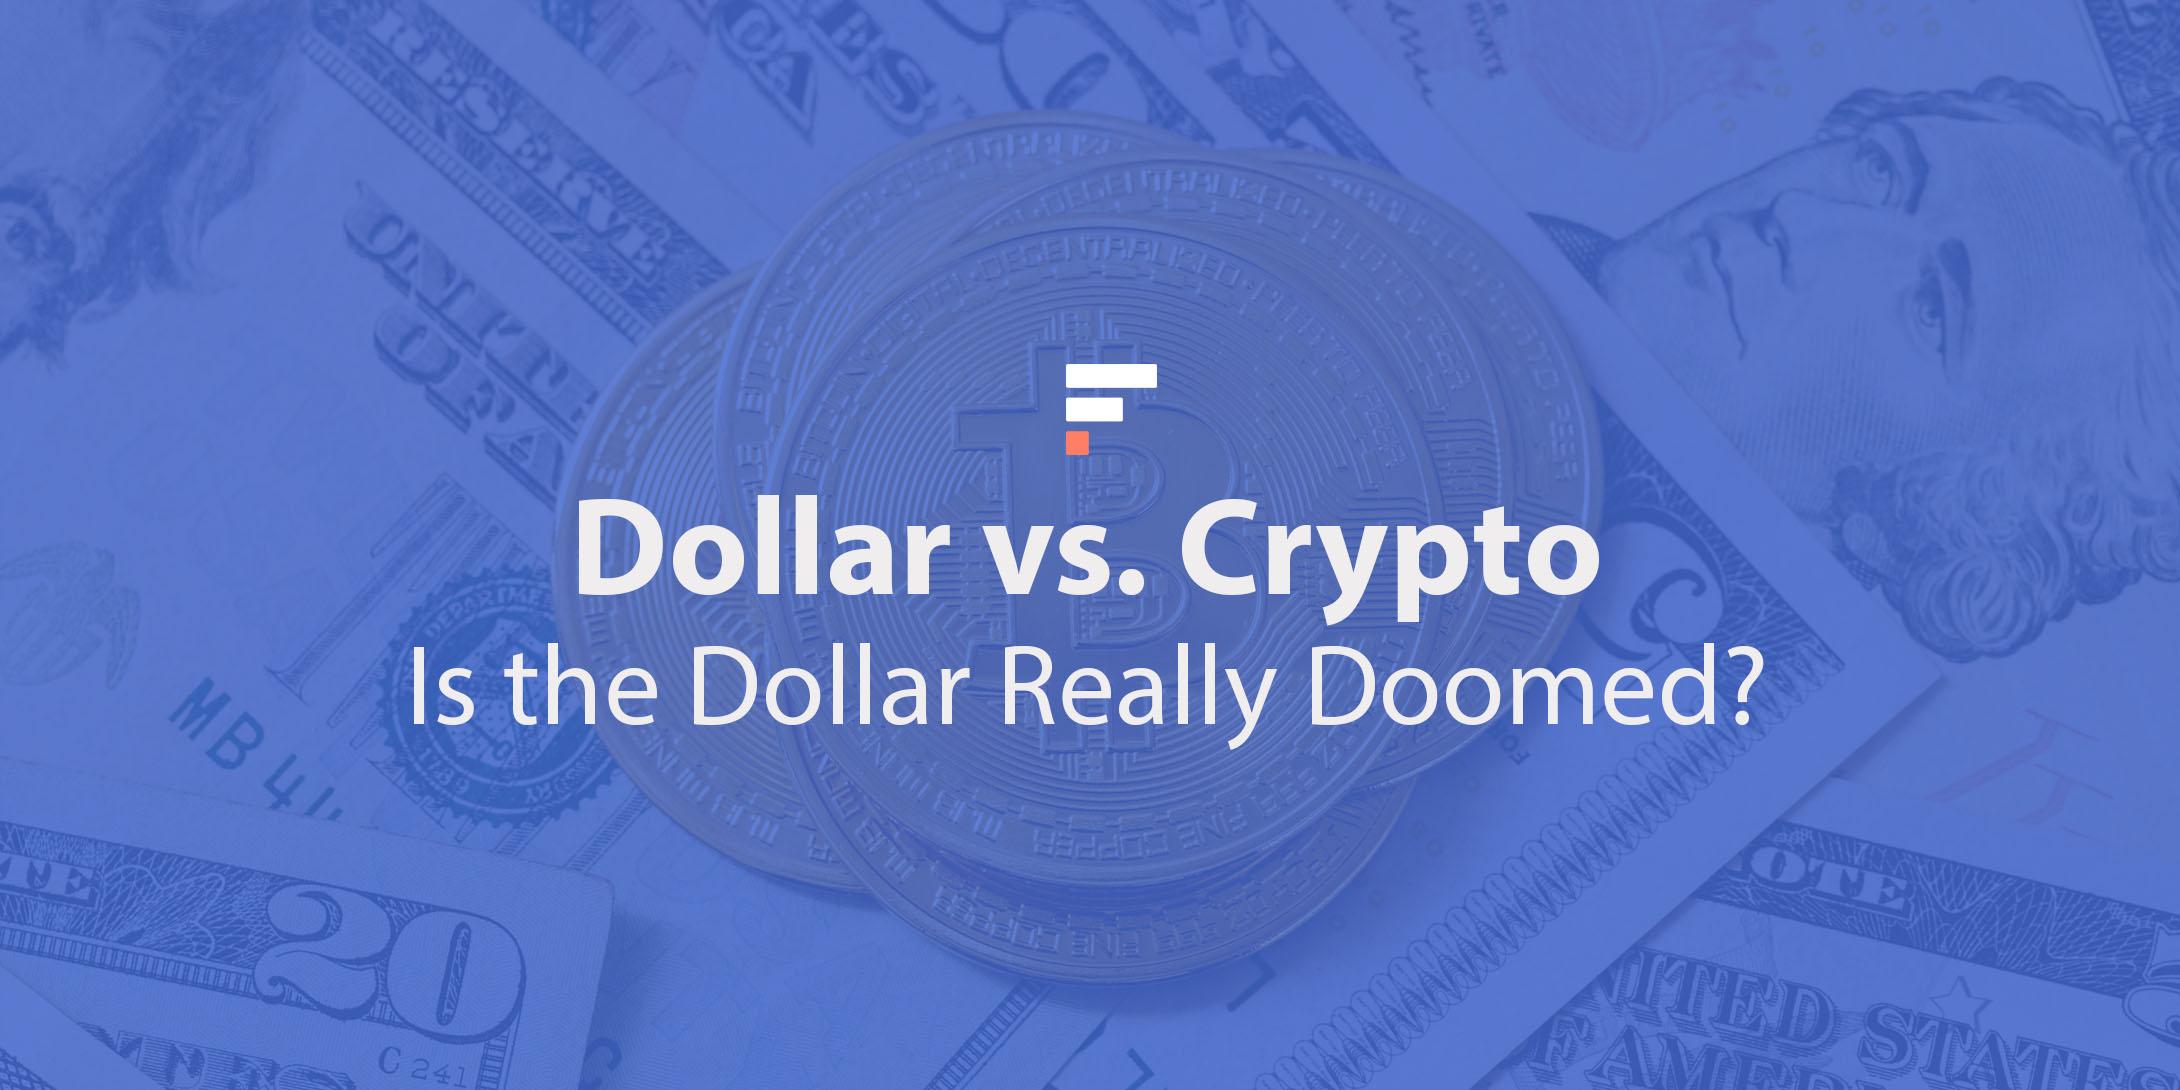 Dollar vs. Crypto: Is the Dollar Really Doomed?